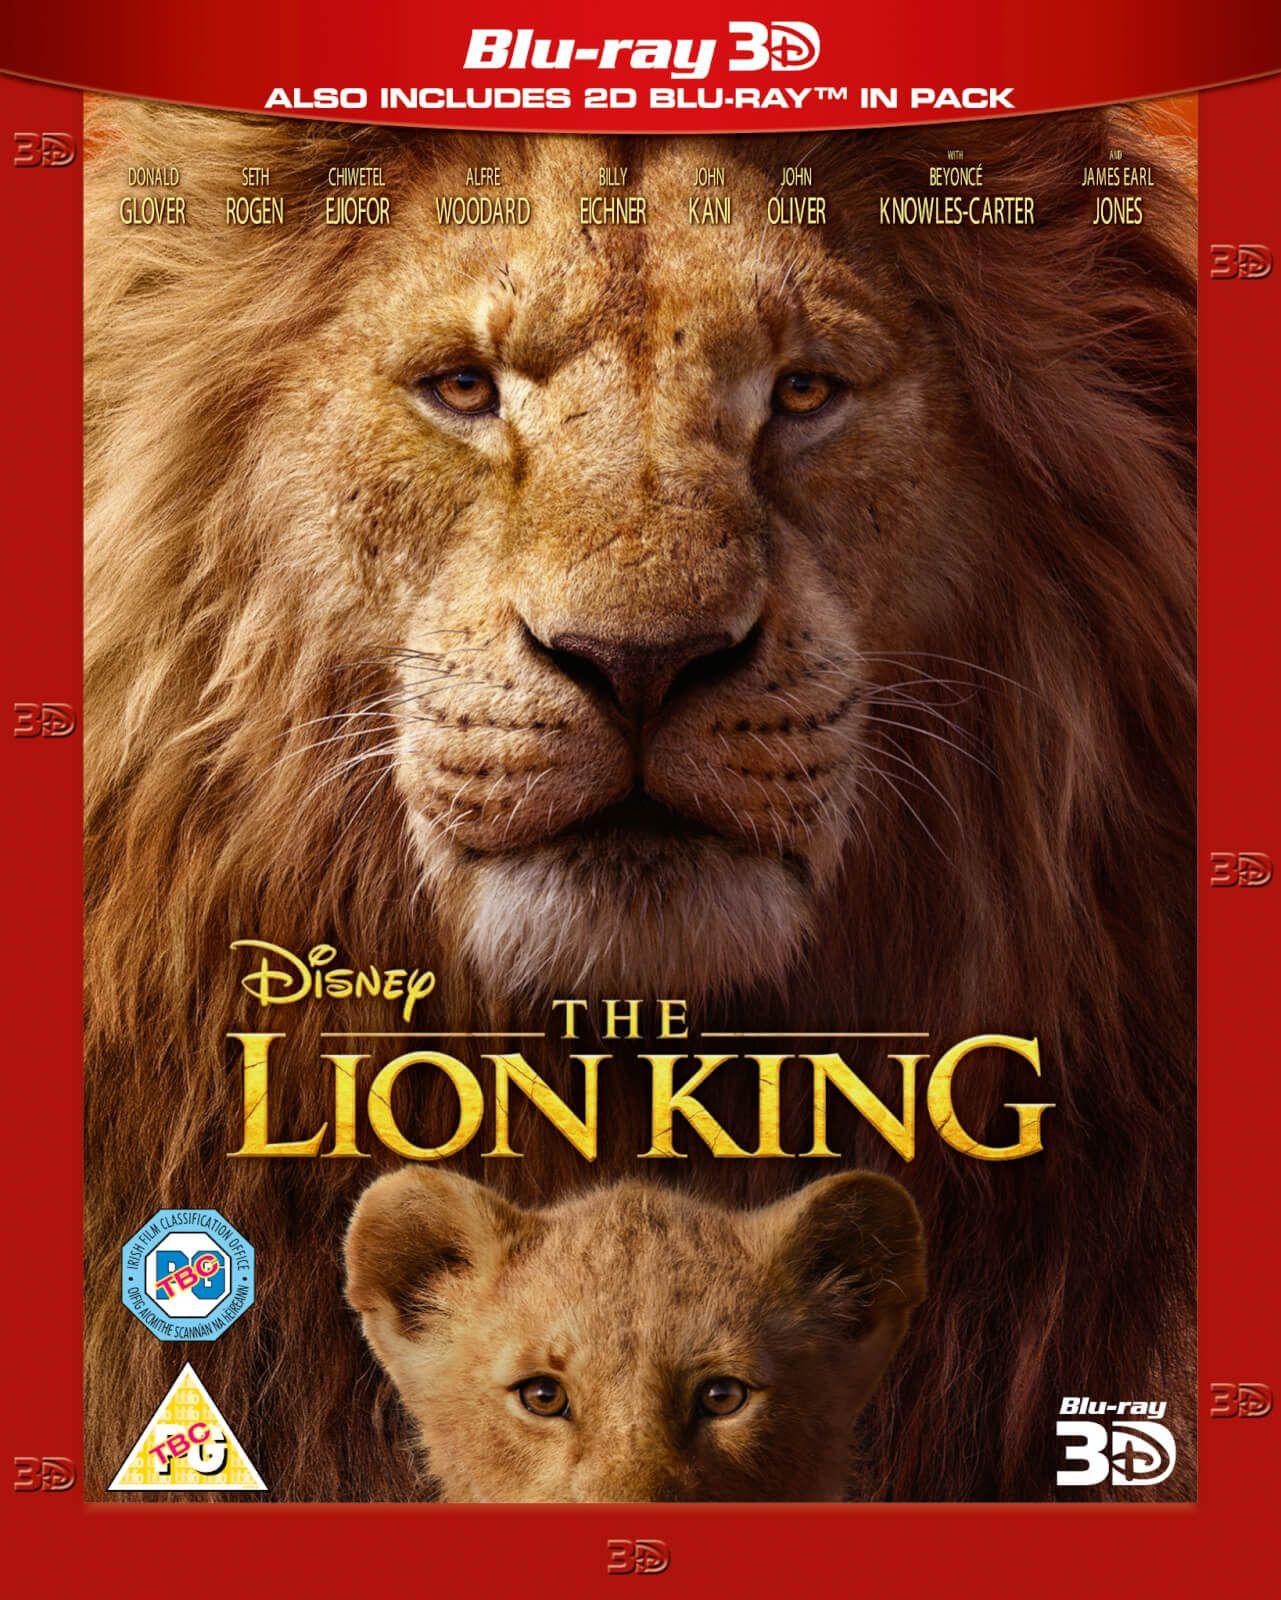 The Lion King (2019) - 3D Blu-ray £11.99 @ Amazon (+£2.99 Non-prime)